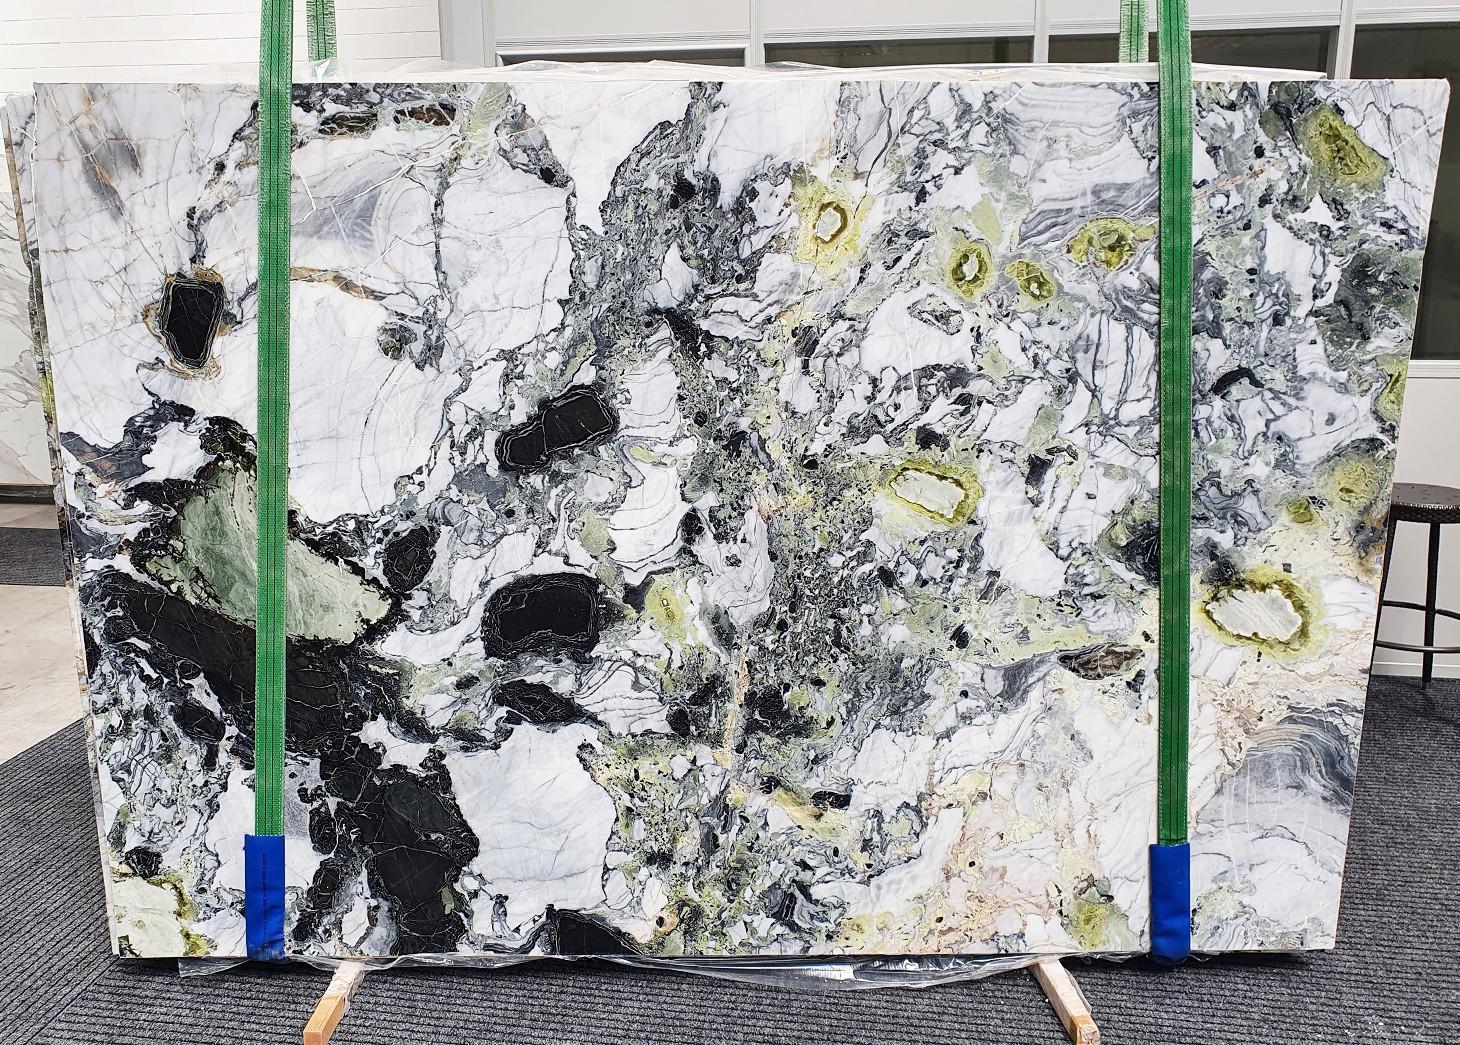 AMAZONIA polierte Unmaßplatten 1386 aus Natur Marmor , Slab #49: Lieferung Veneto, Italien